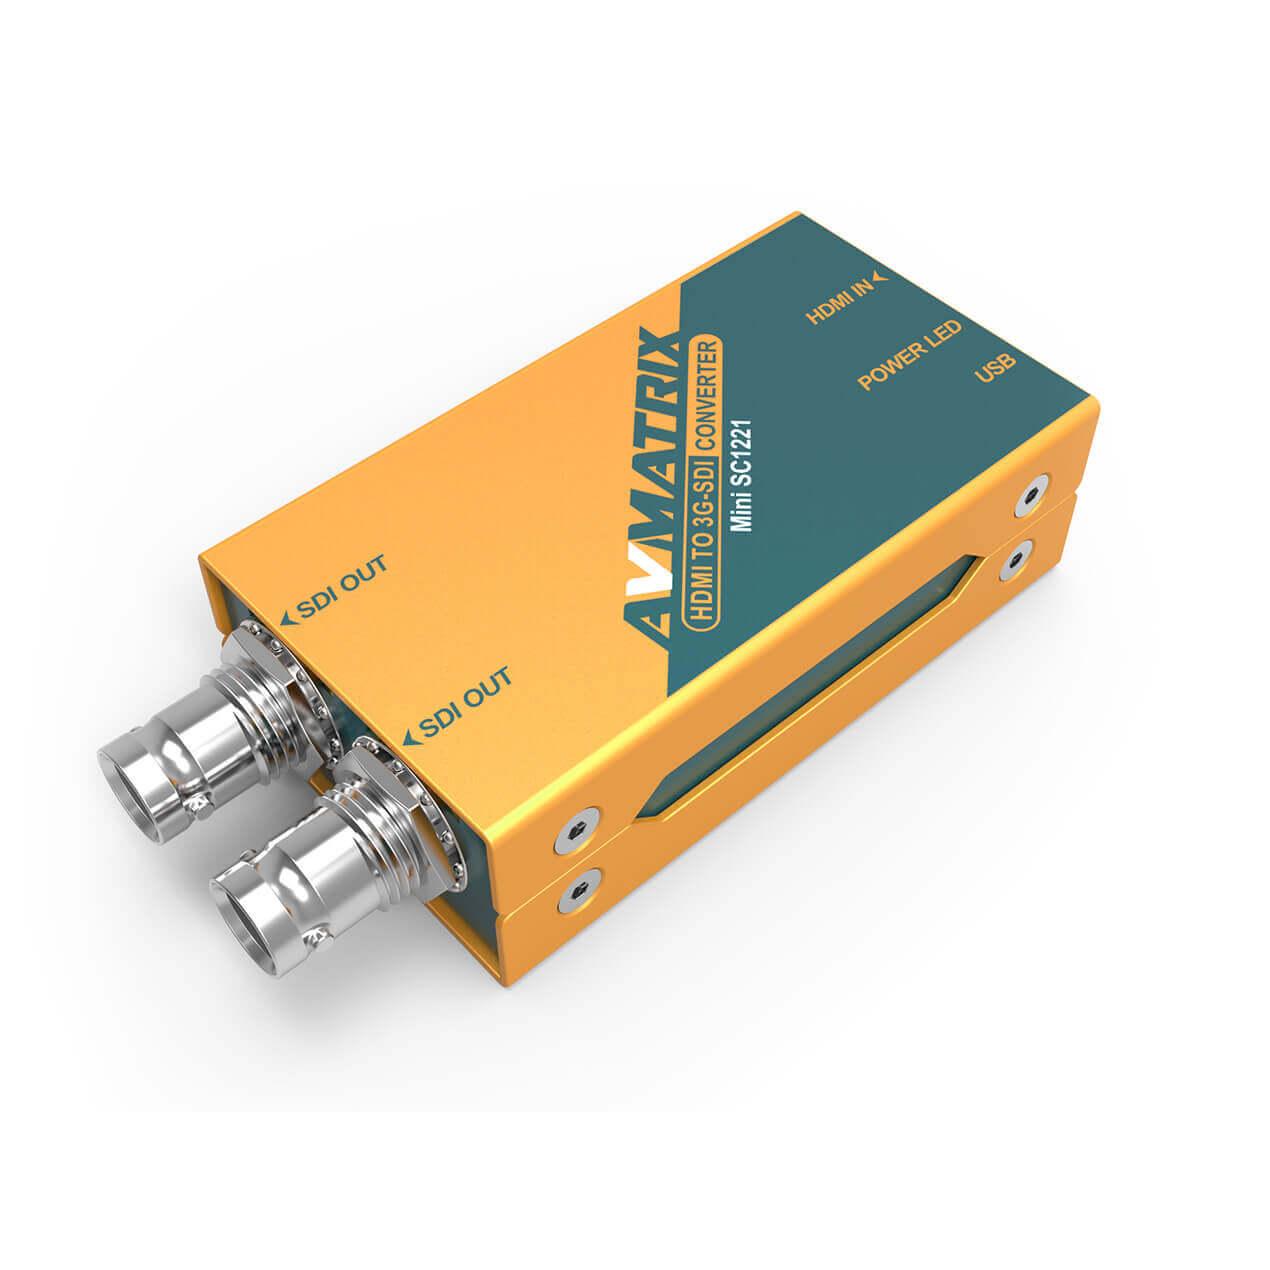 Artikelfoto AVMATRIX Mini SC1221 HDMi zu 3G-SDI Wandler